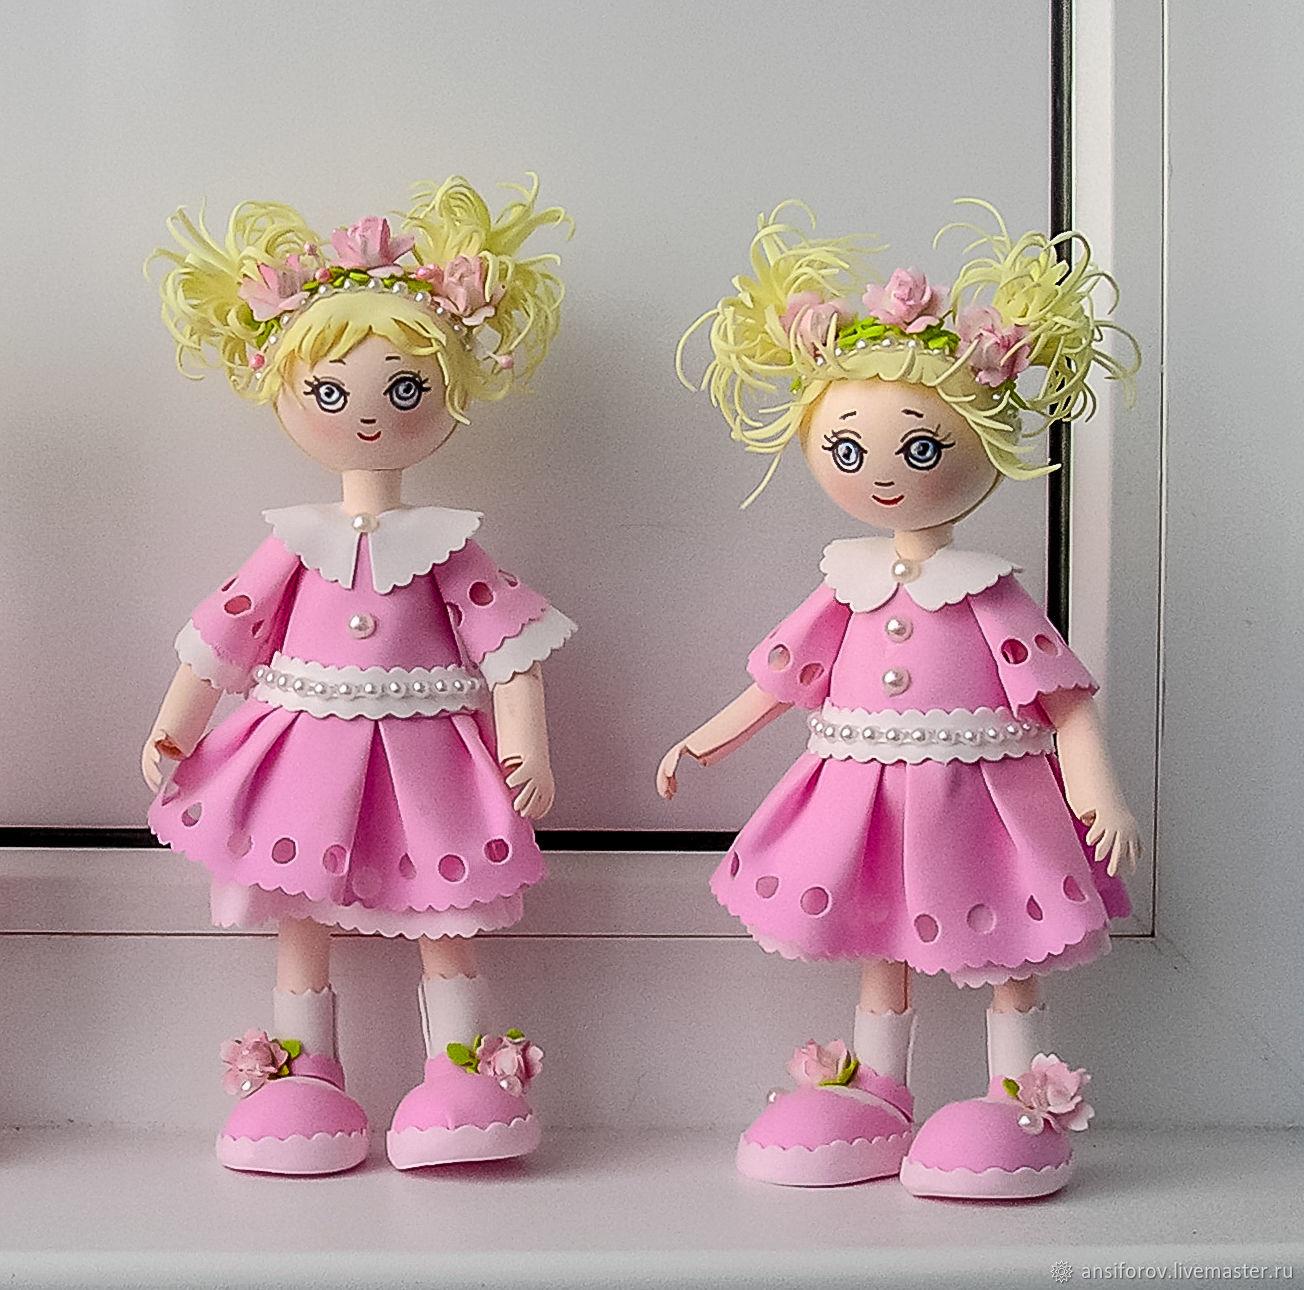 кукла из фоамирана своими руками туристам трансфере отель